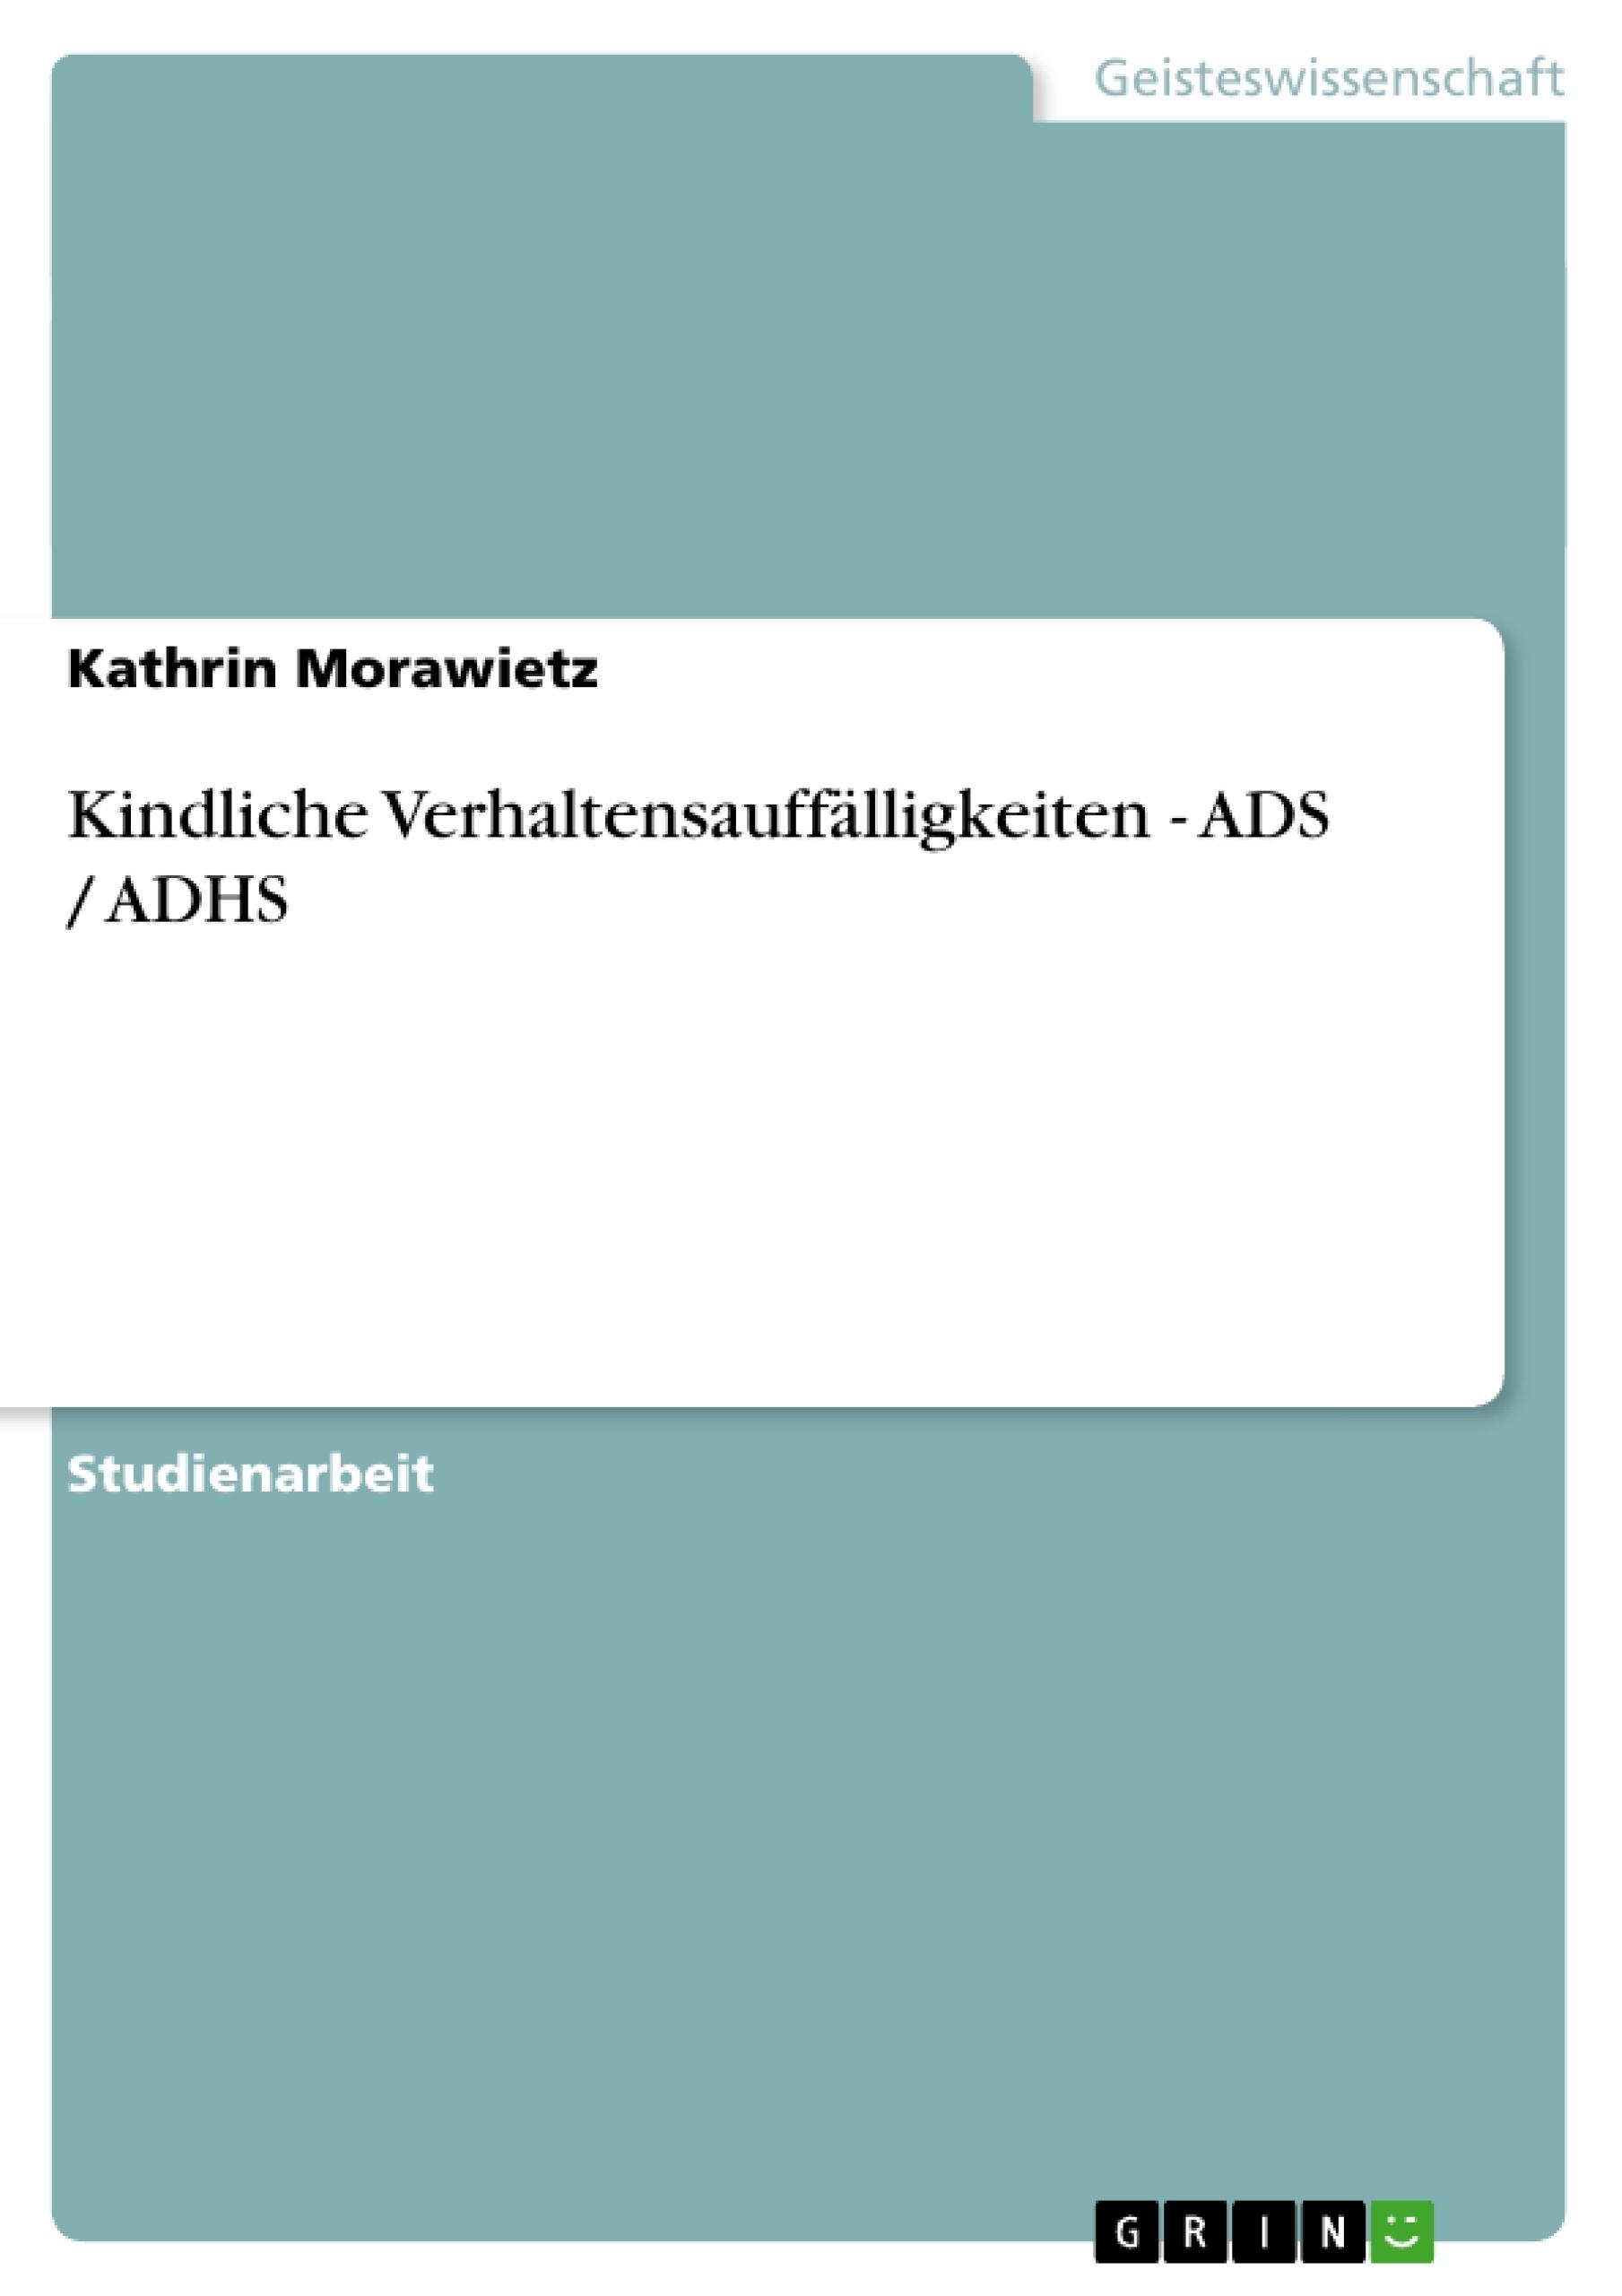 Titel: Kindliche Verhaltensauffälligkeiten - ADS / ADHS